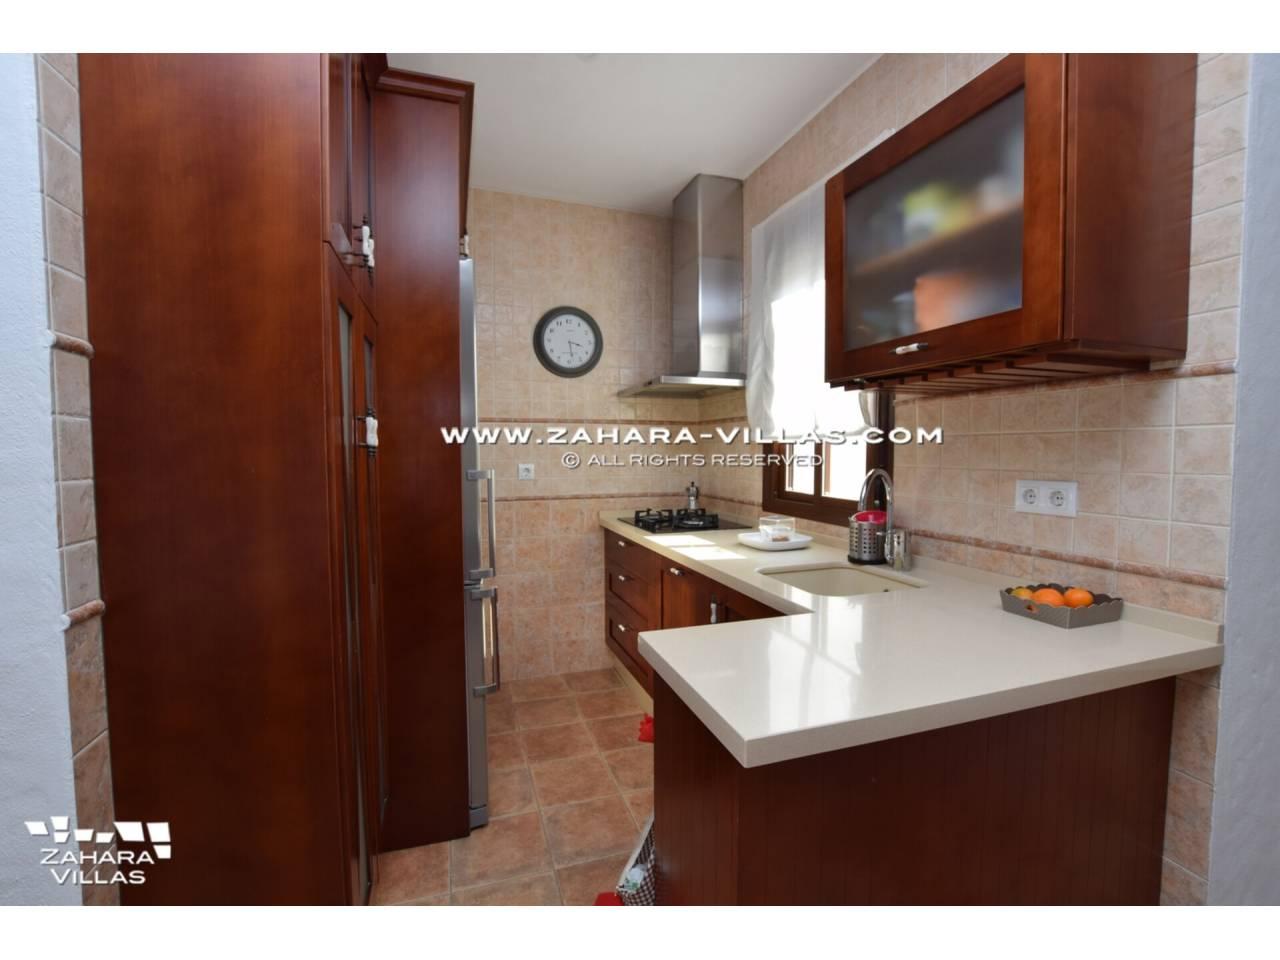 Imagen 36 de Haus zum verkauf in Zahara de los Atunes